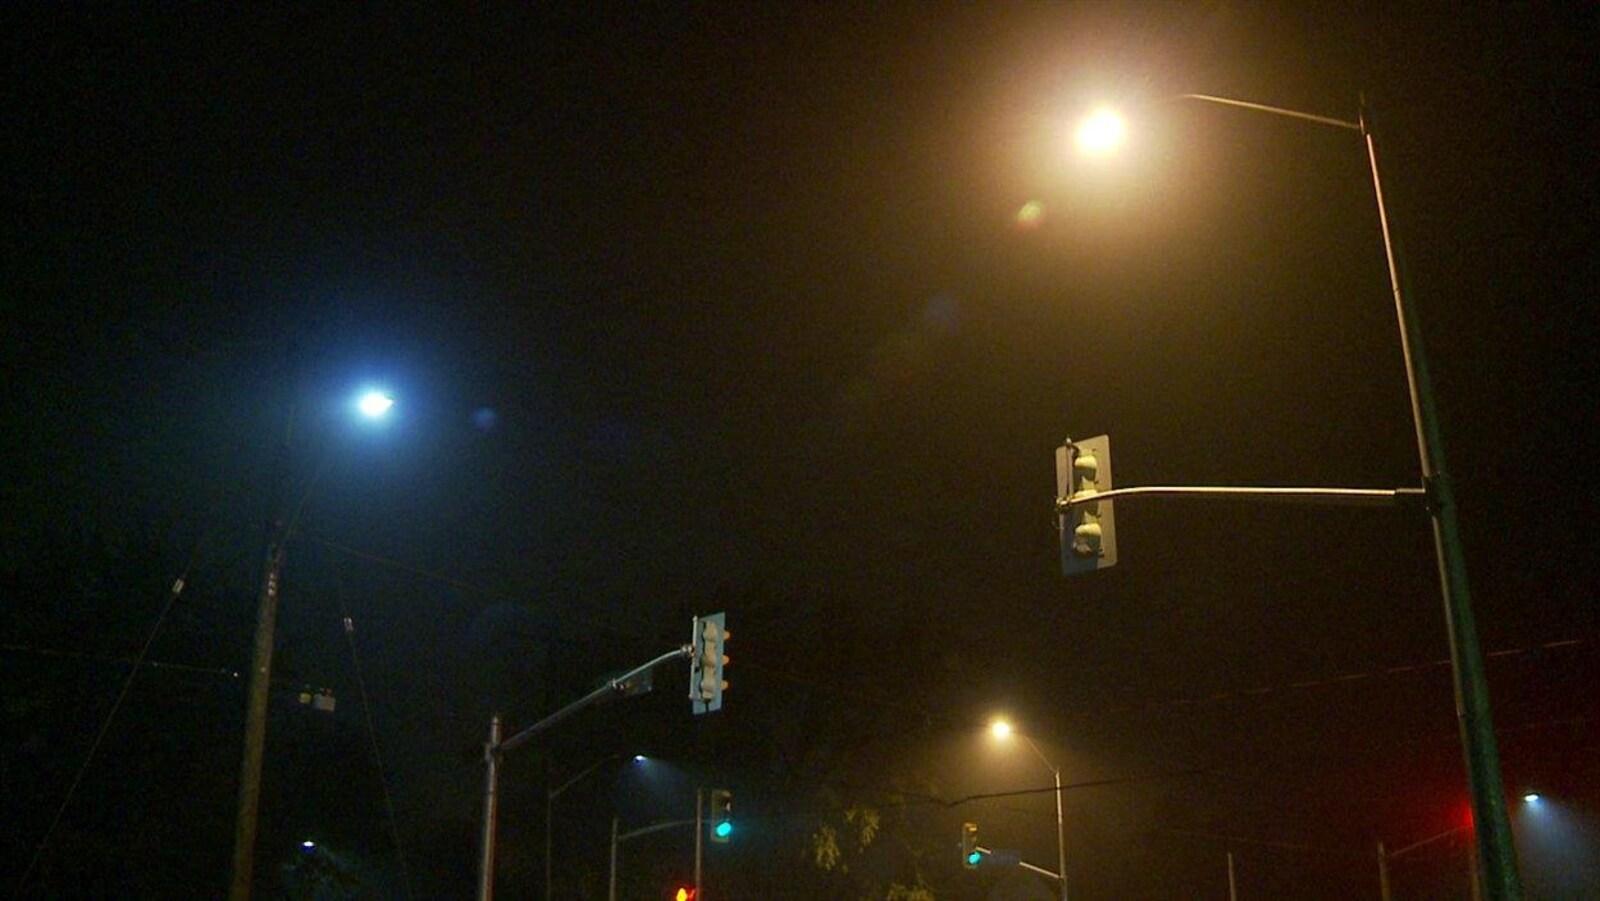 Un éclairage Del (bleuté) à côté d'un éclairage régulier (orangé).